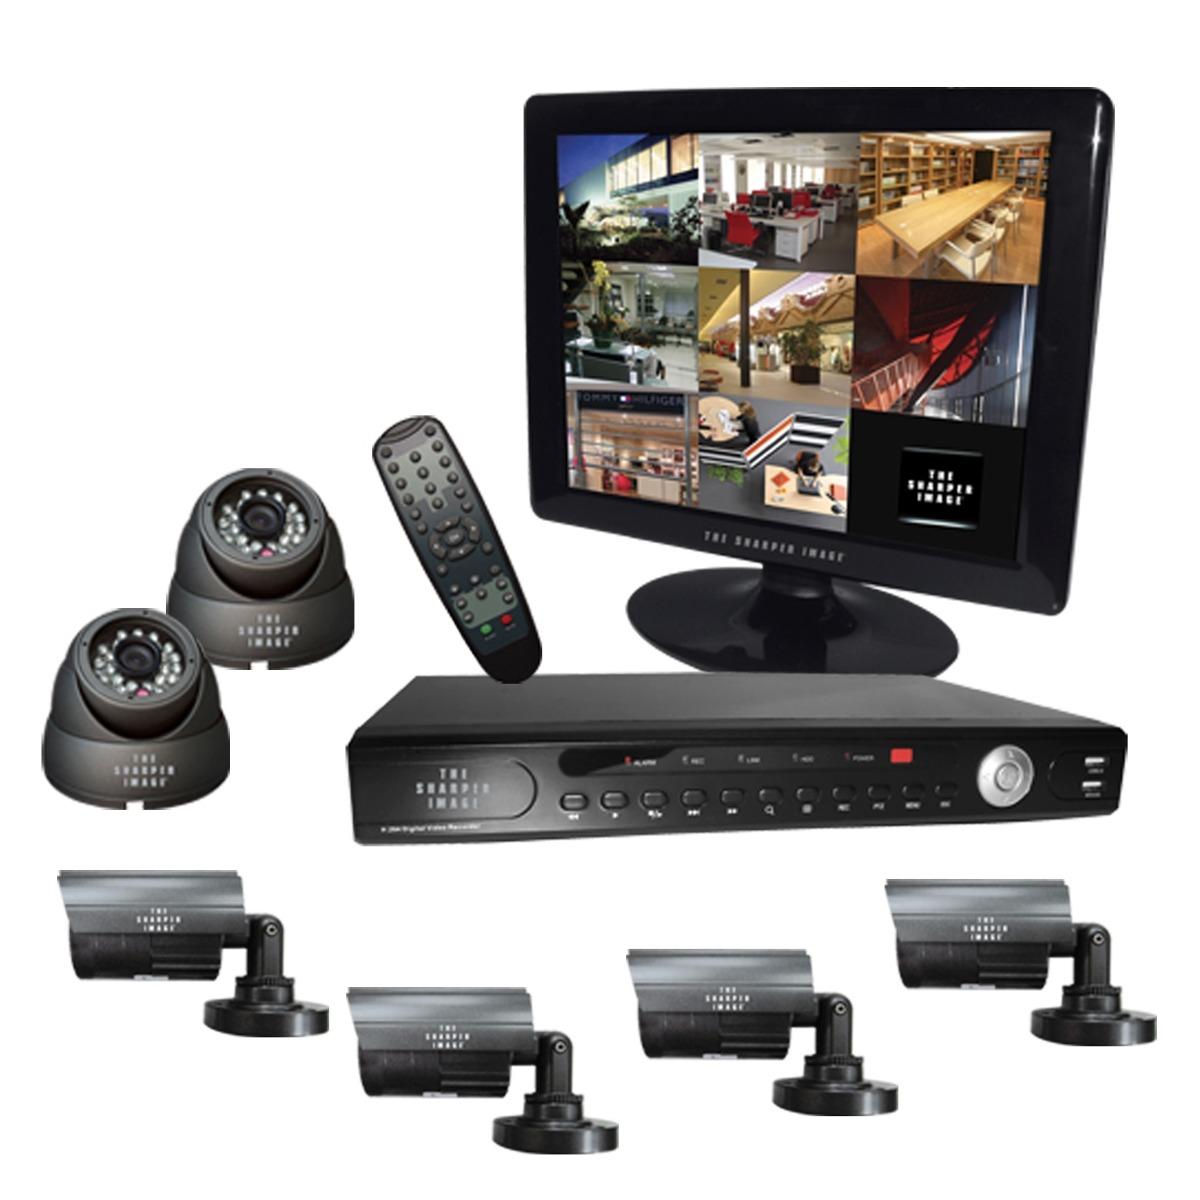 Circuito Cerrado : Kit cctv camaras video vigilancia circuito cerrado